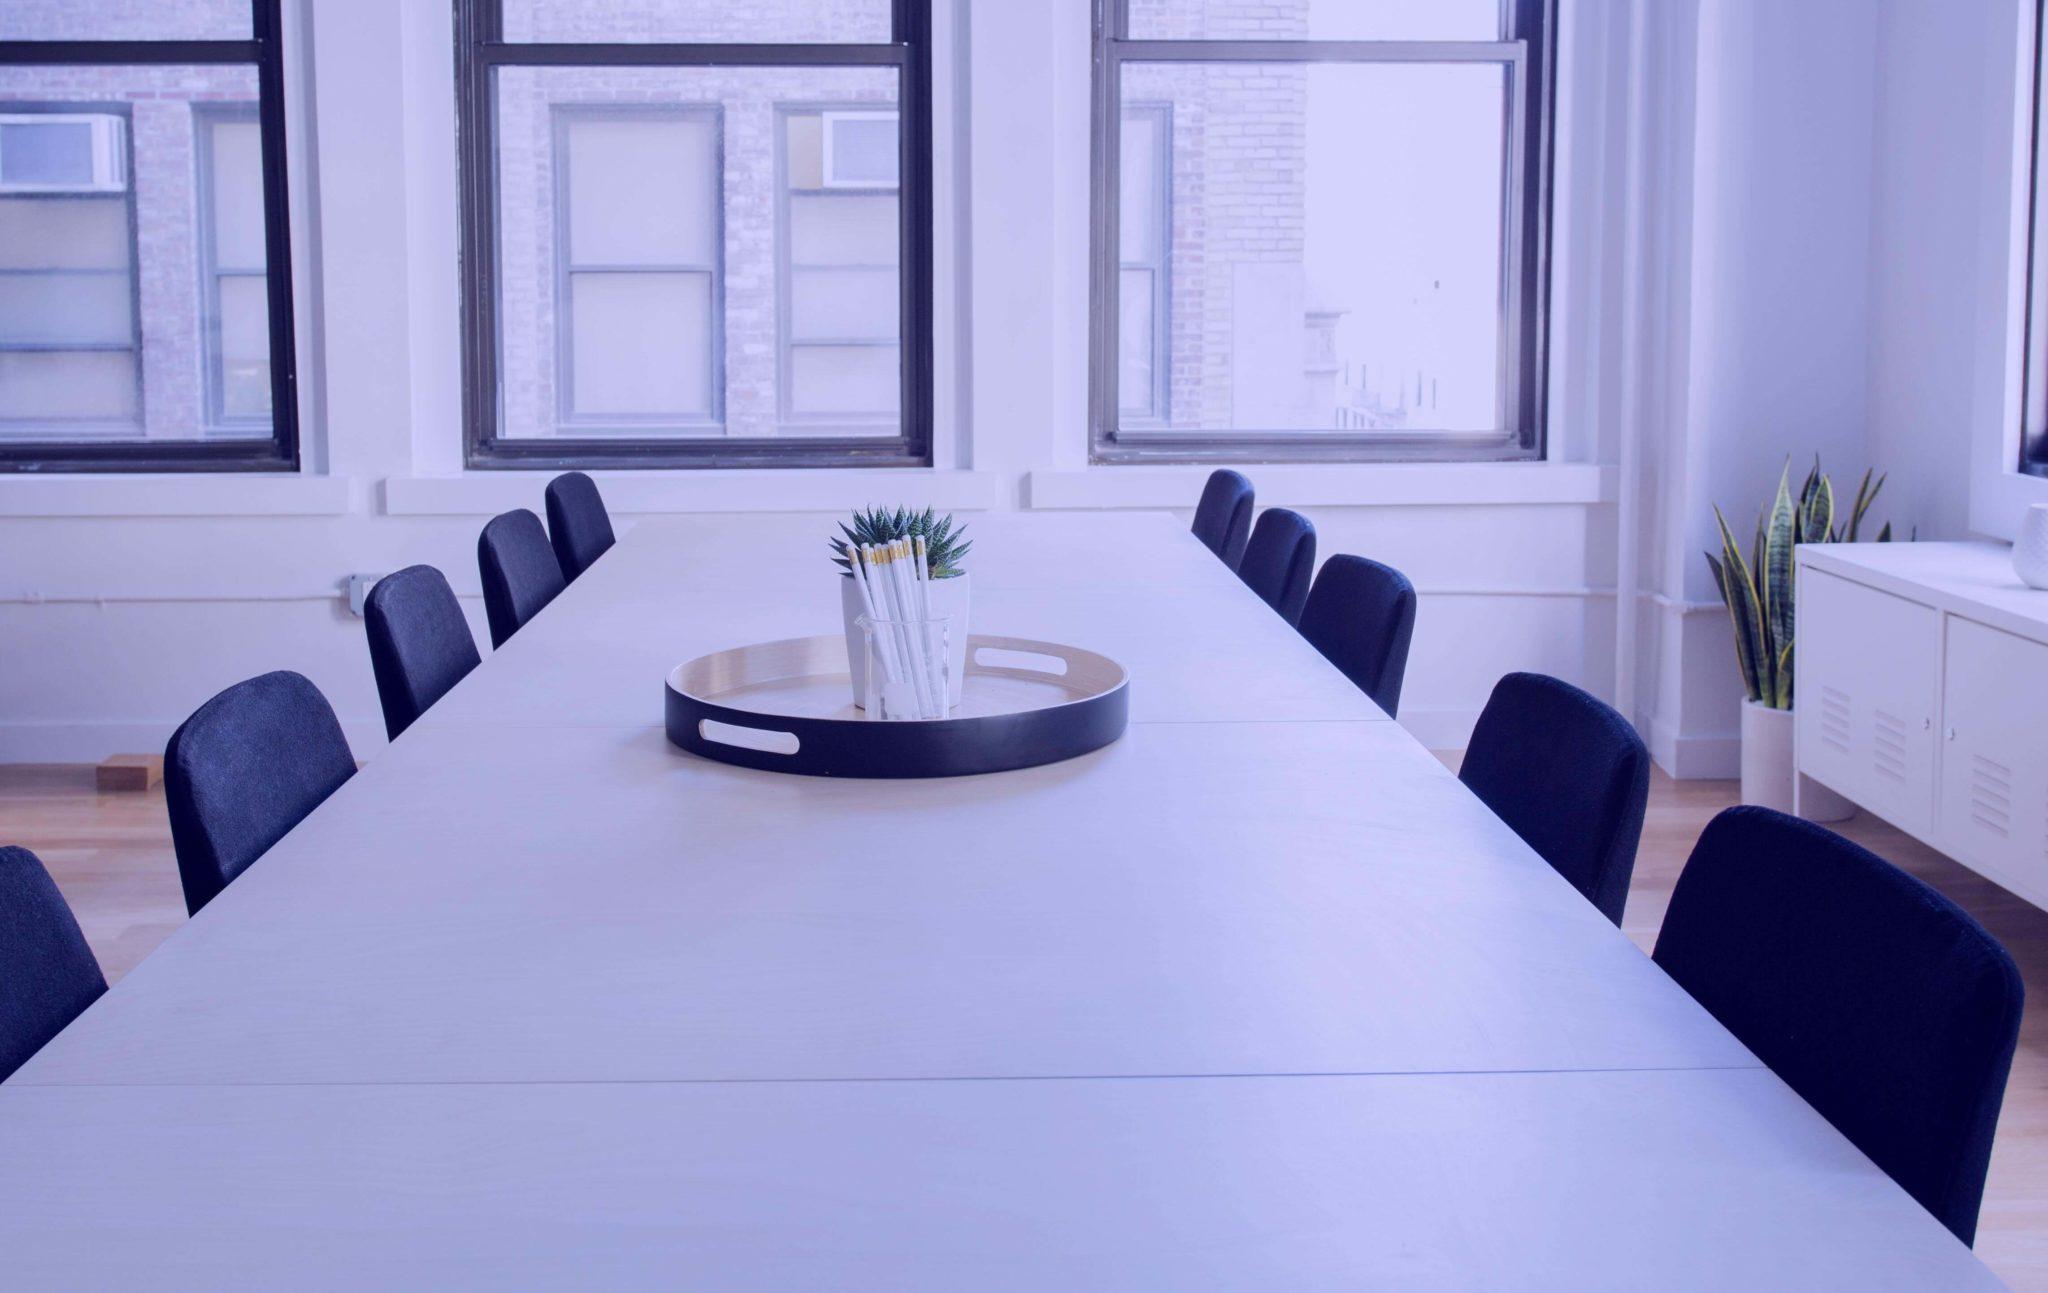 correcta limpieza de sillas en despachos